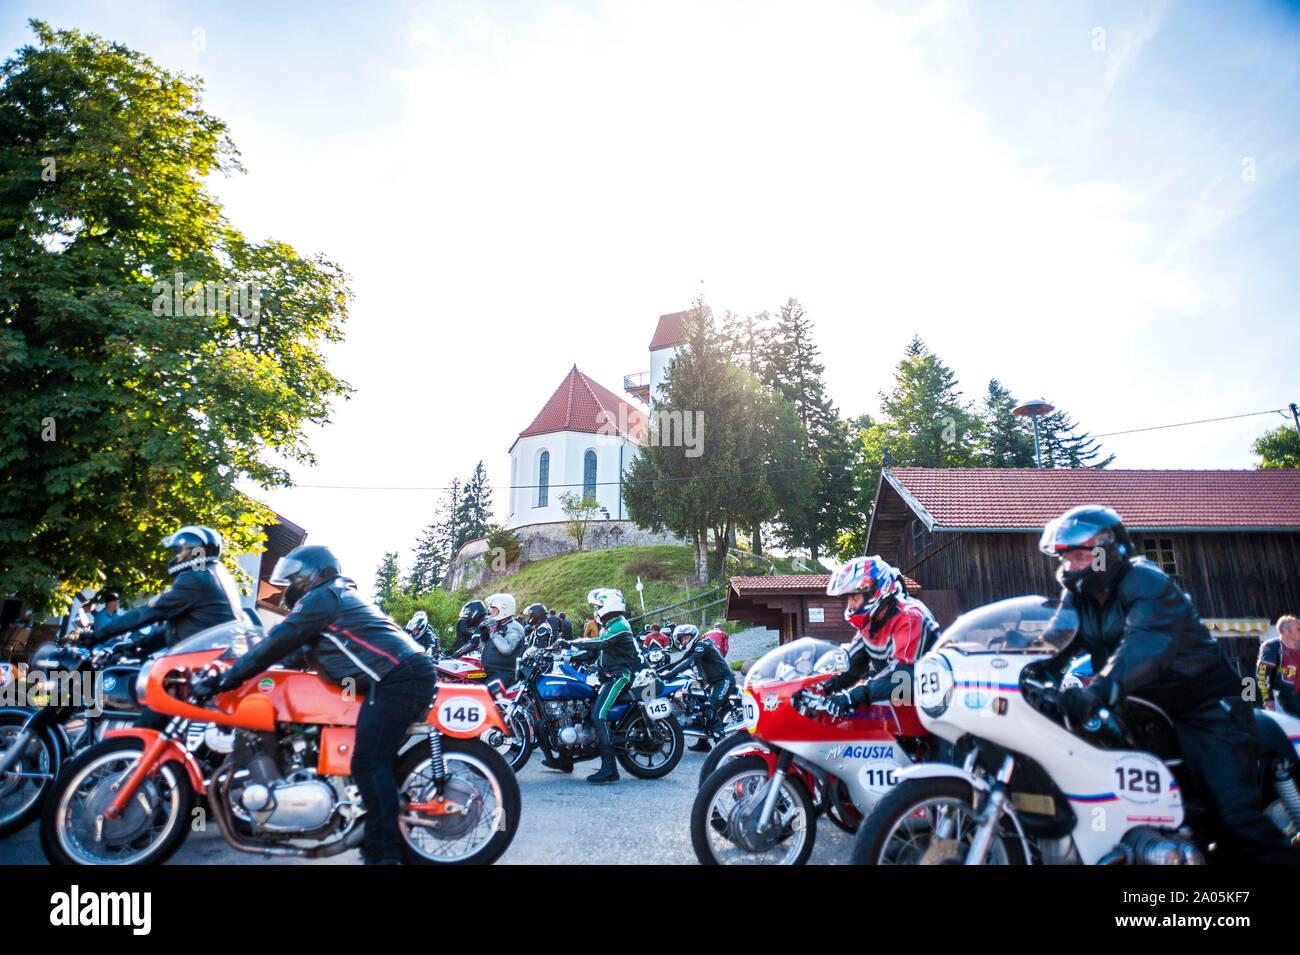 Auerberg Klassik - Auerbergrennen moto classique, la race, l'Allgäu, Allemagne Banque D'Images